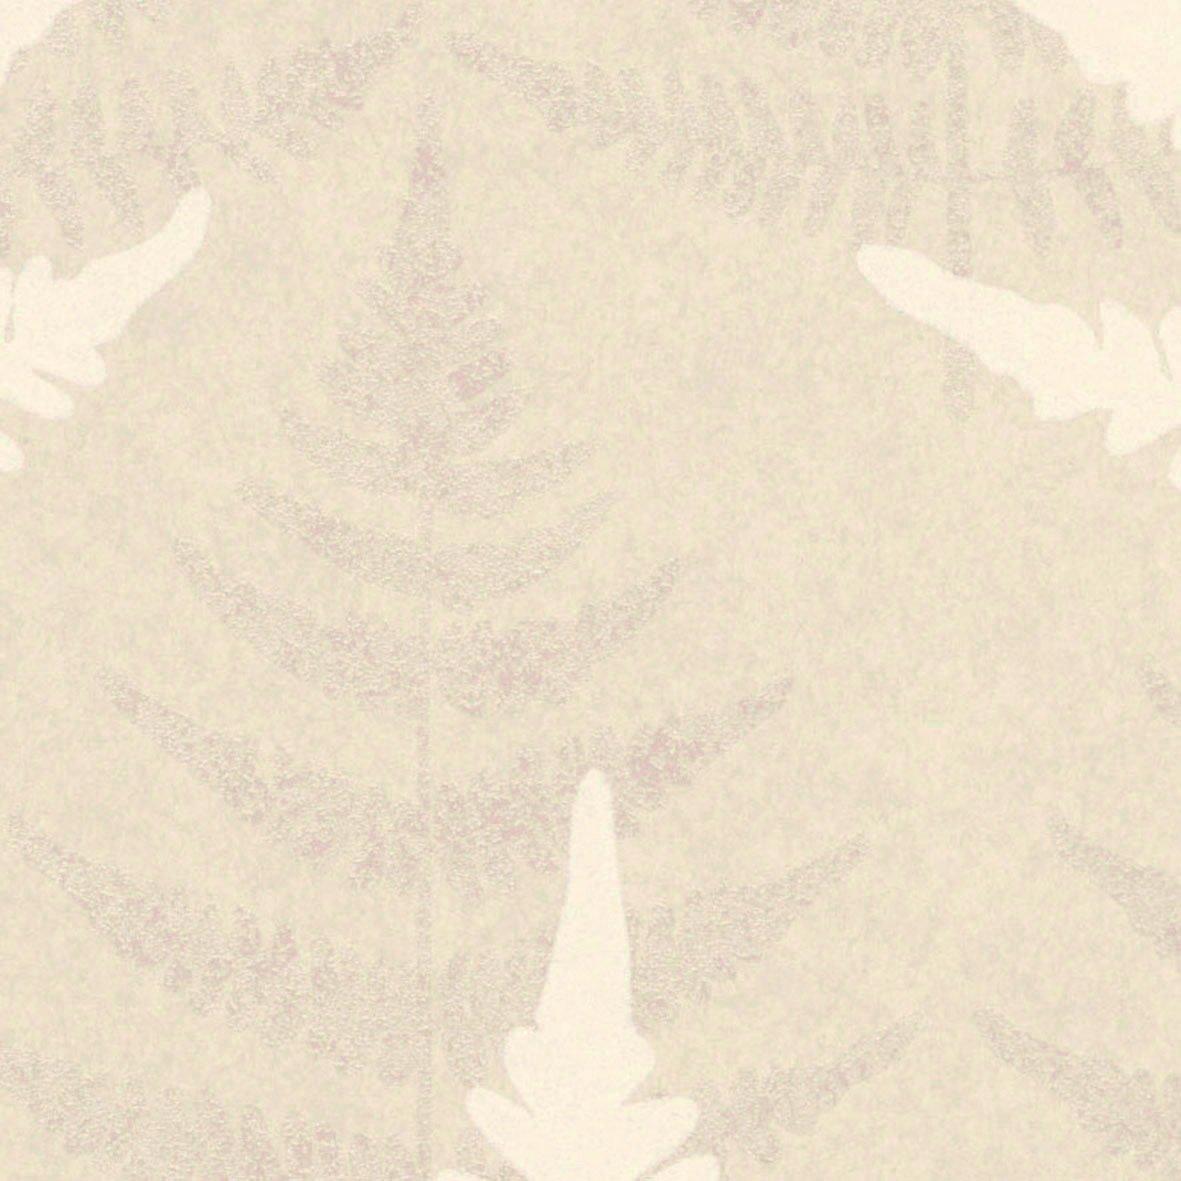 リリカラ 壁紙36m 北欧 花柄 ゴールド LL-8094 B01N3SRZH4 36m|ゴールド